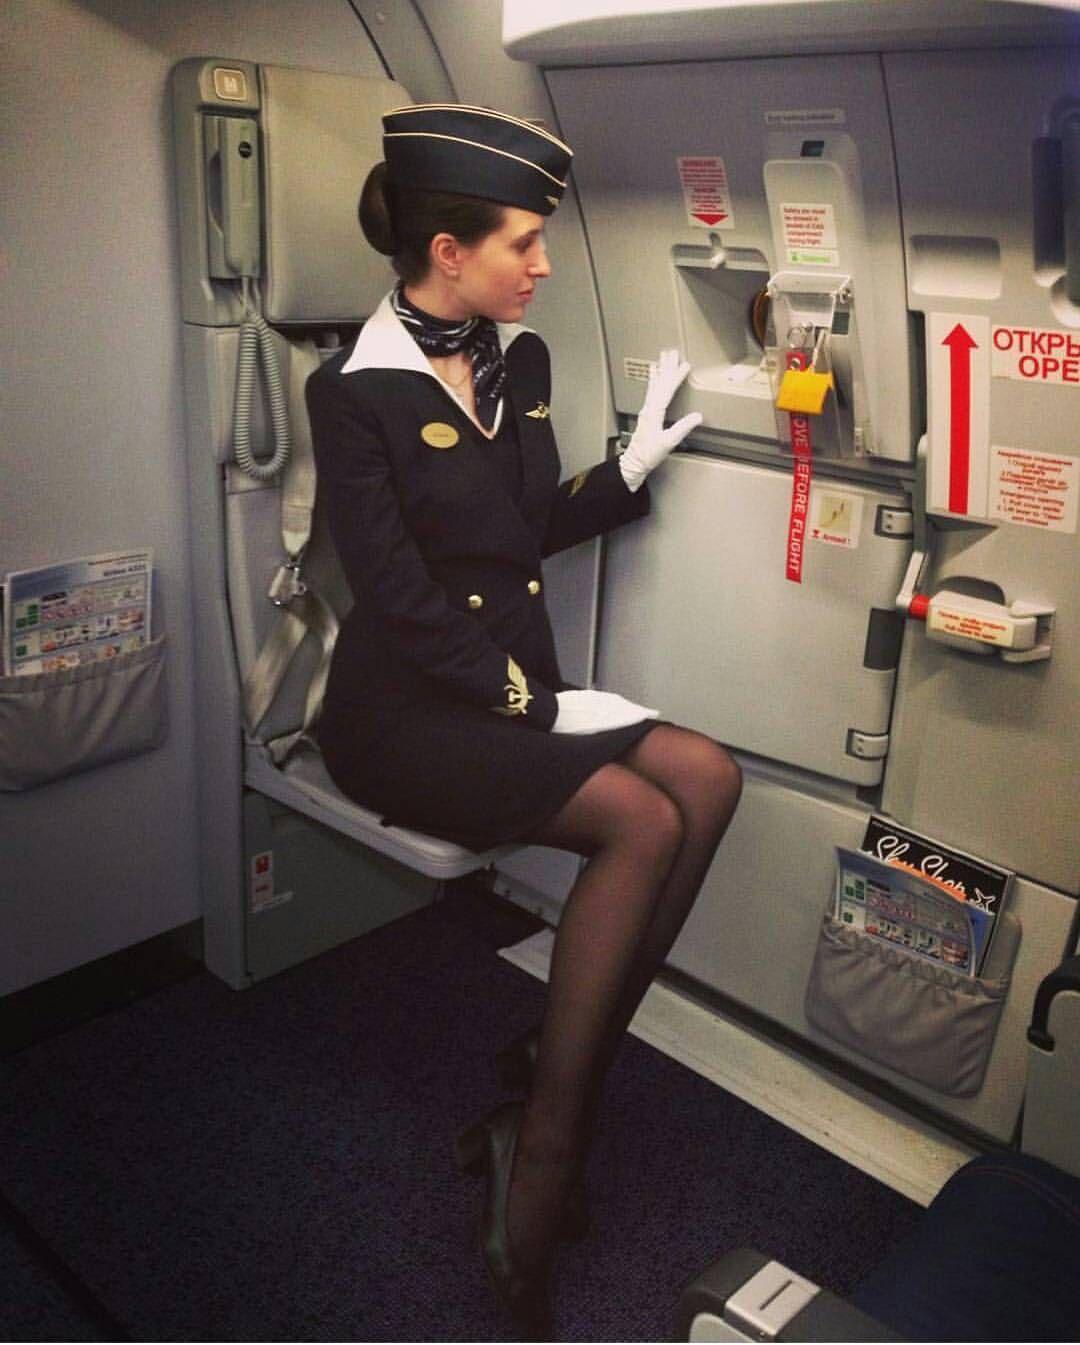 Шлюхи астрахань видео в самолете стюардессы женская доминация кунилингус